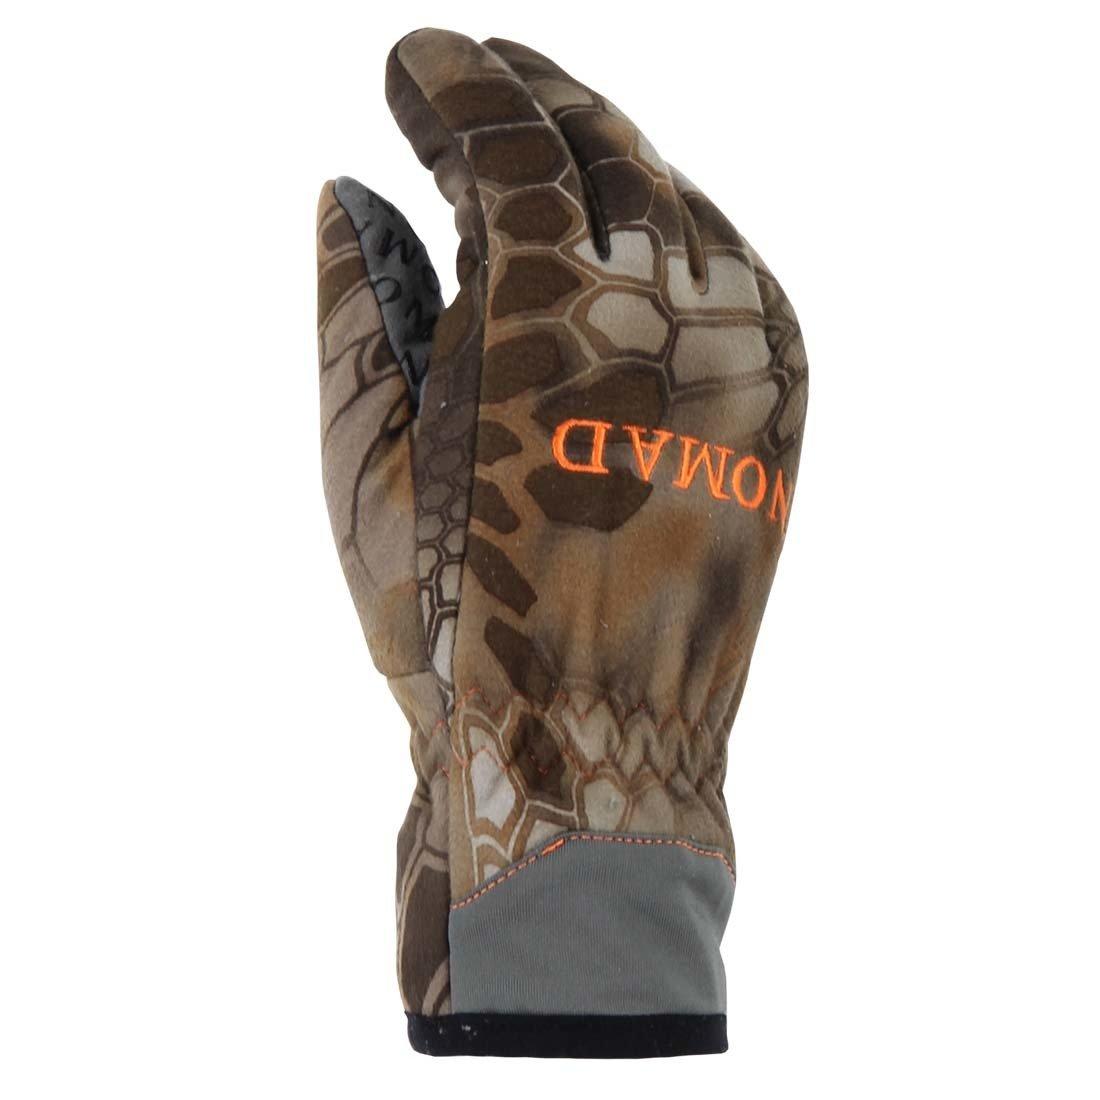 Nomad Harvester Glove, Kryptek Banshee, Large by Nomad